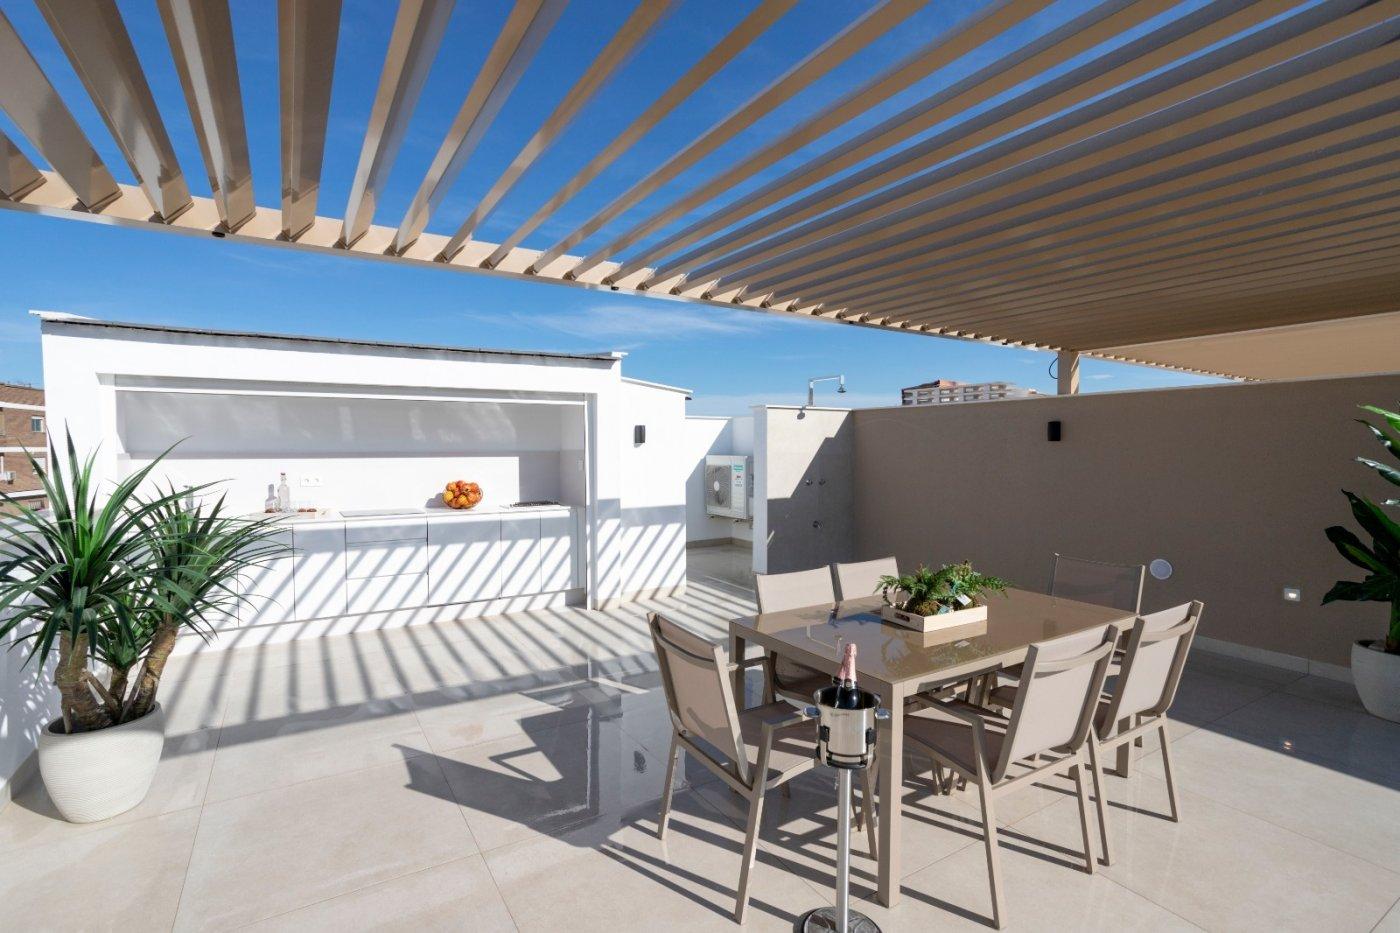 Apartamento moderno en san pedro del pinatar - imagenInmueble27